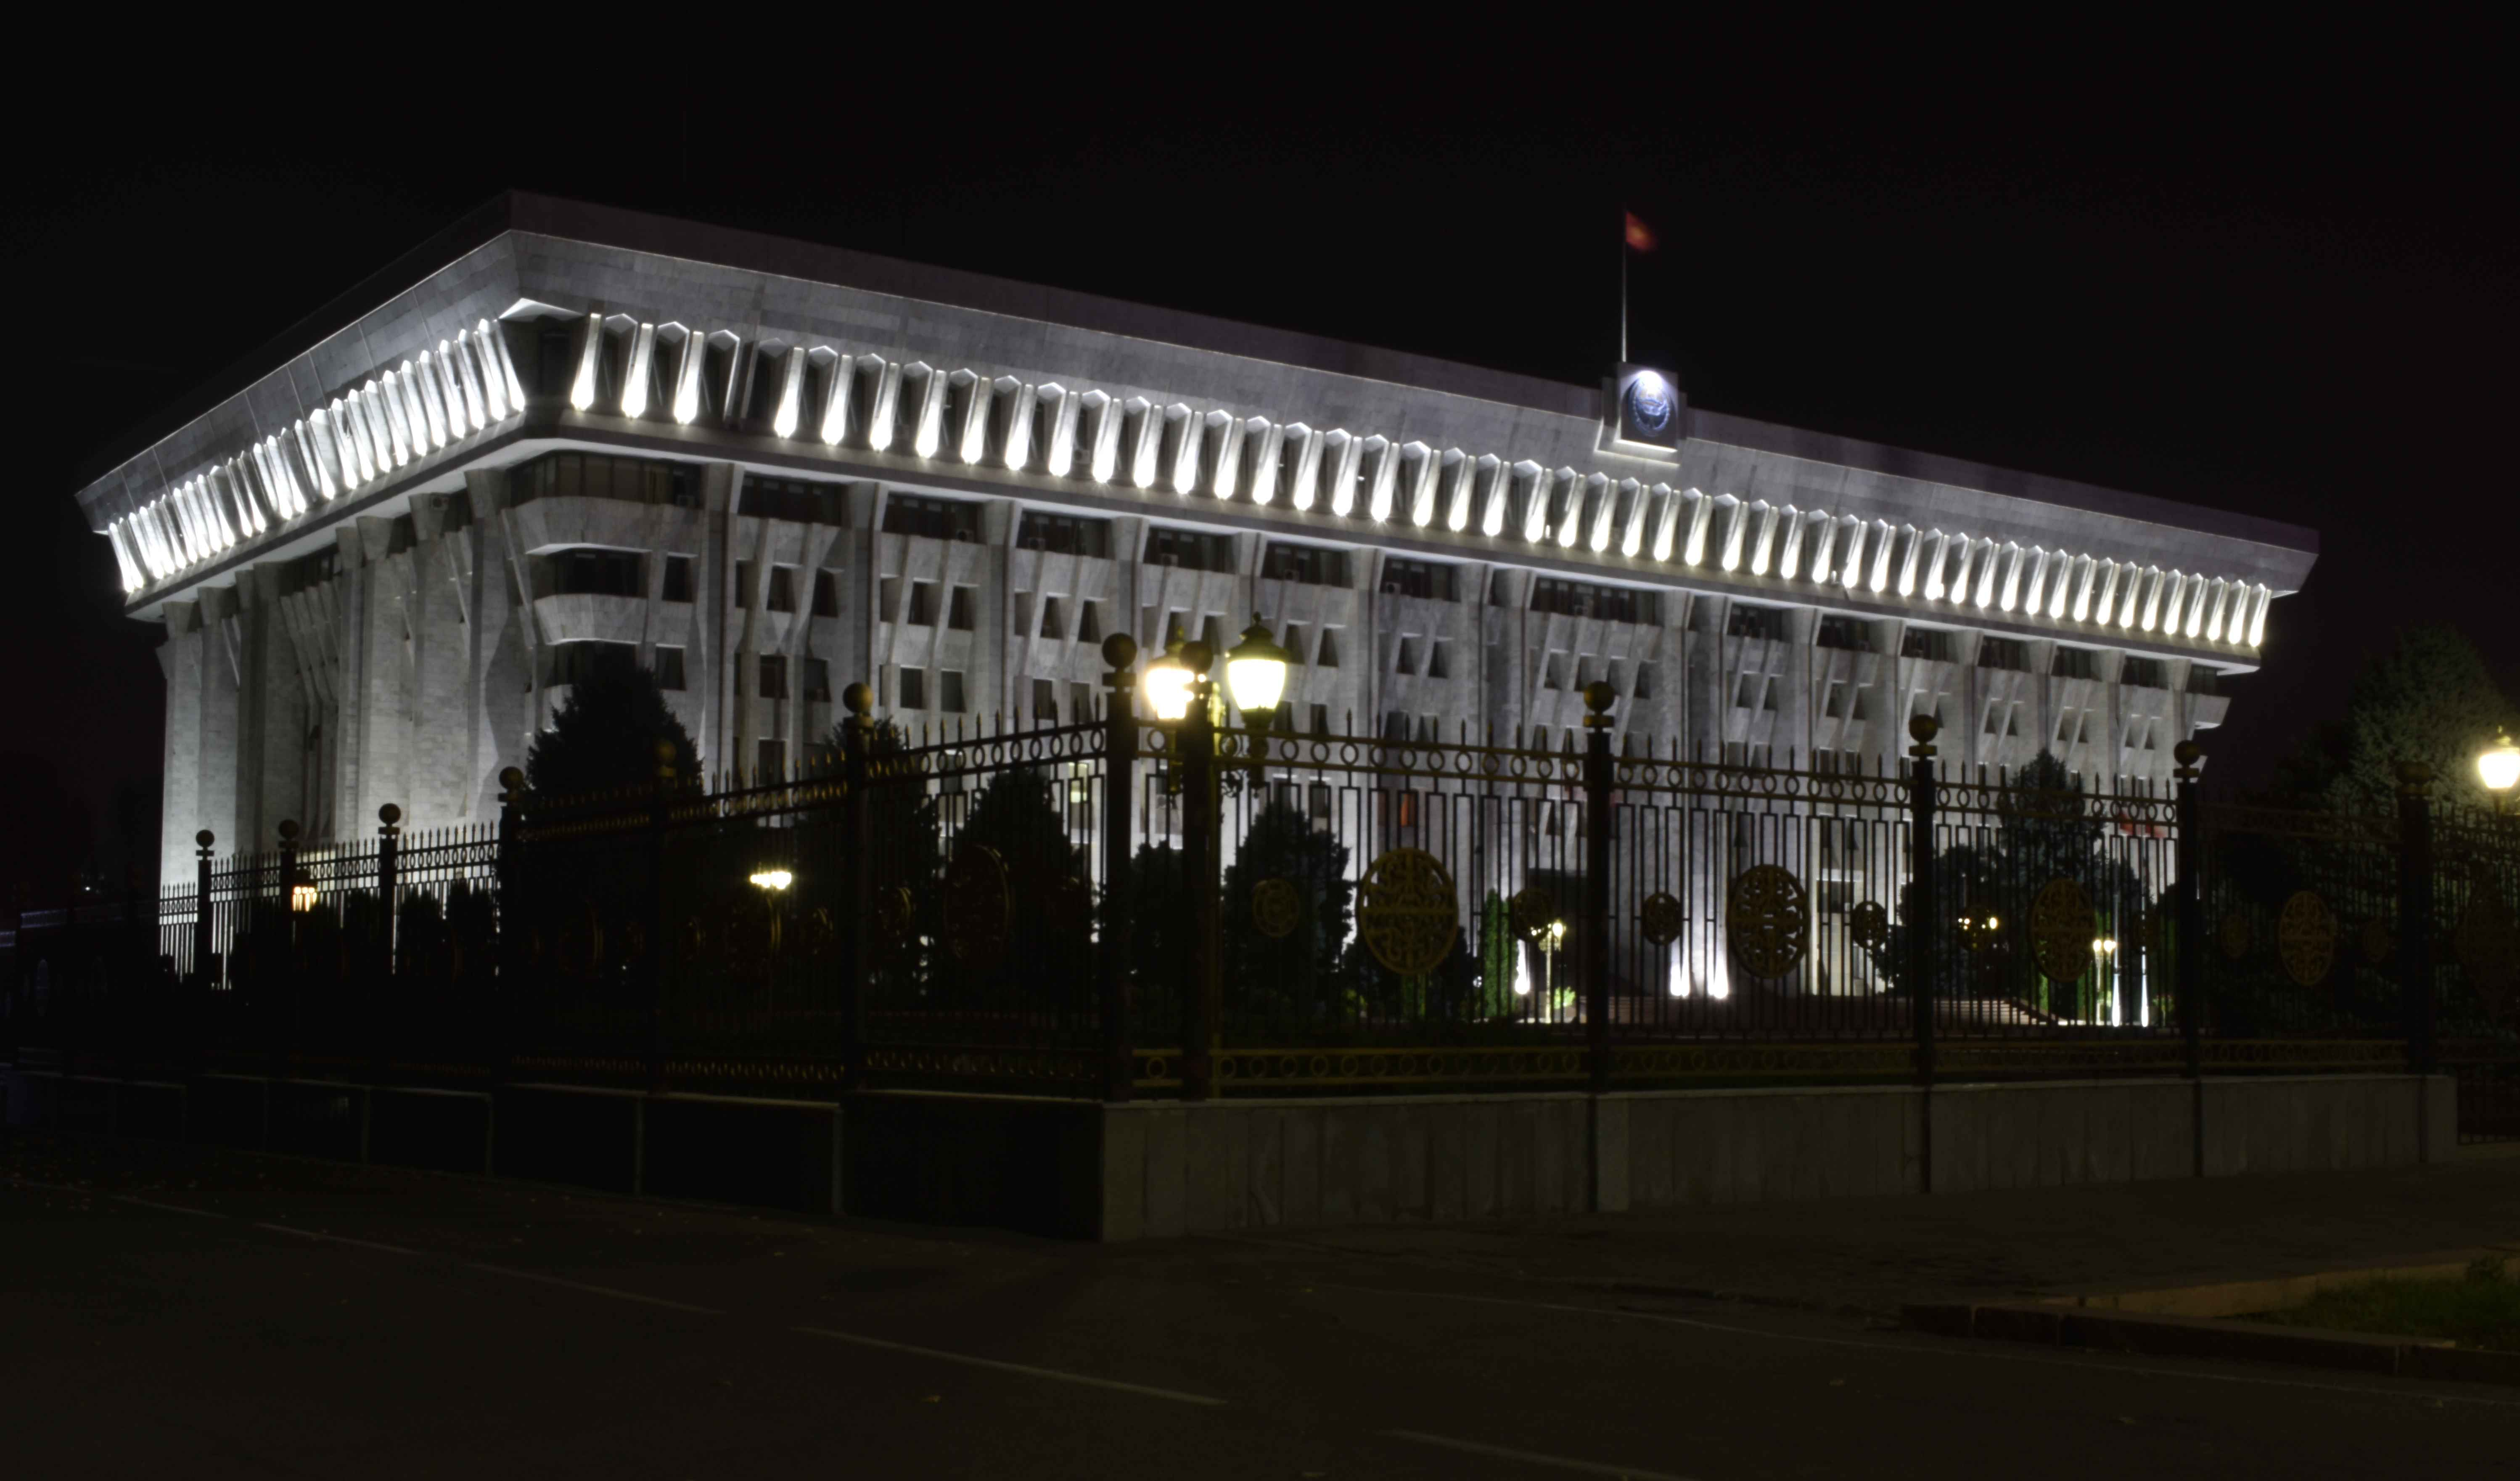 Работа членов парламентских структур, включая Комитет по экономической и фискальной политике ЖК VI созыва, иногда затягивается до глубокой ночи…